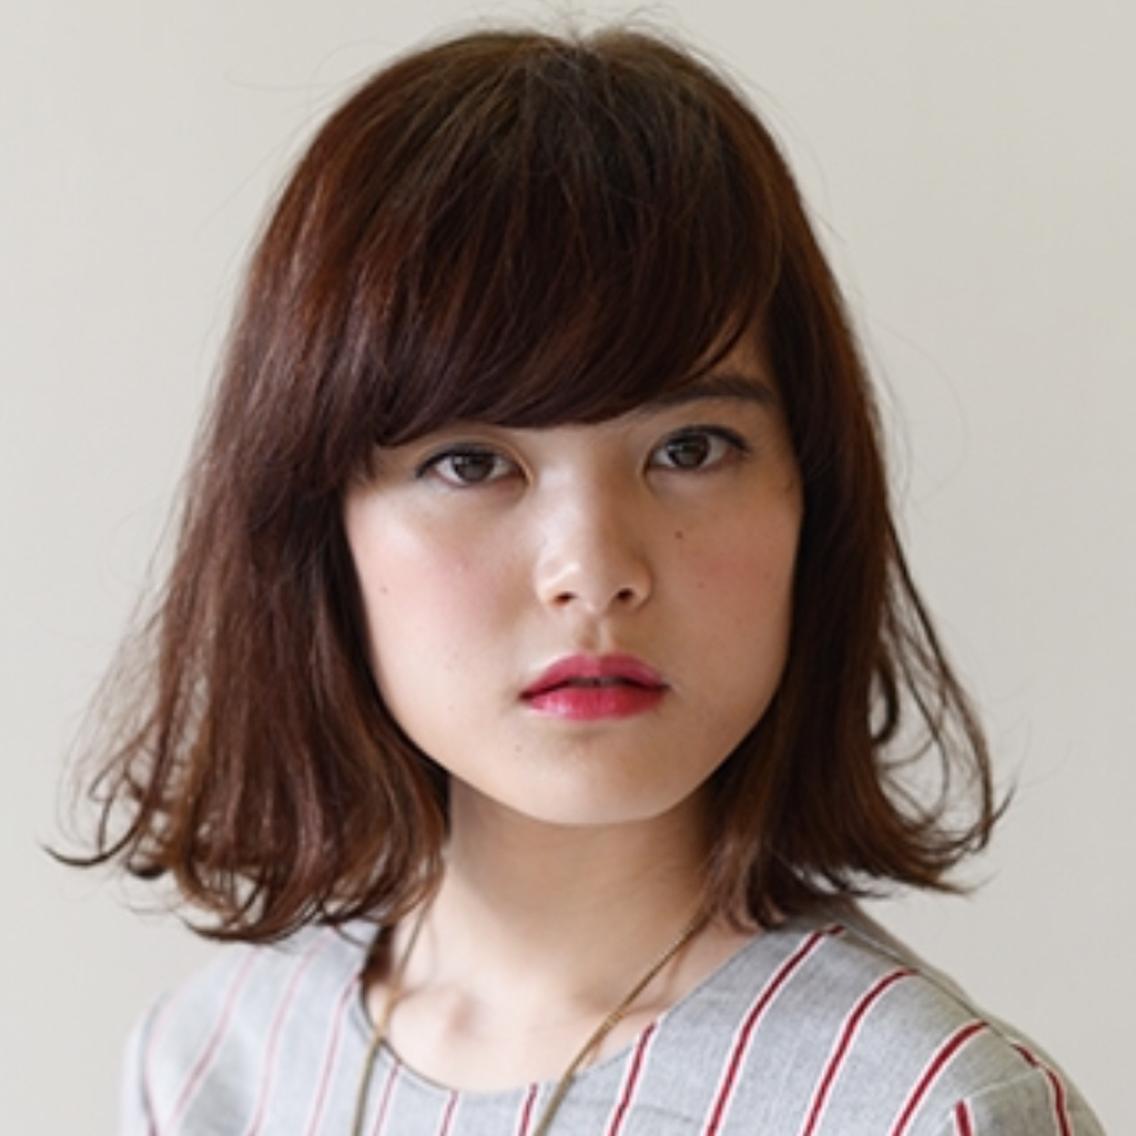 原宿サロン❗️カラー持ちもよくツルツルトリートメントメント付きカラーリングモデル募集¥7500→¥3500